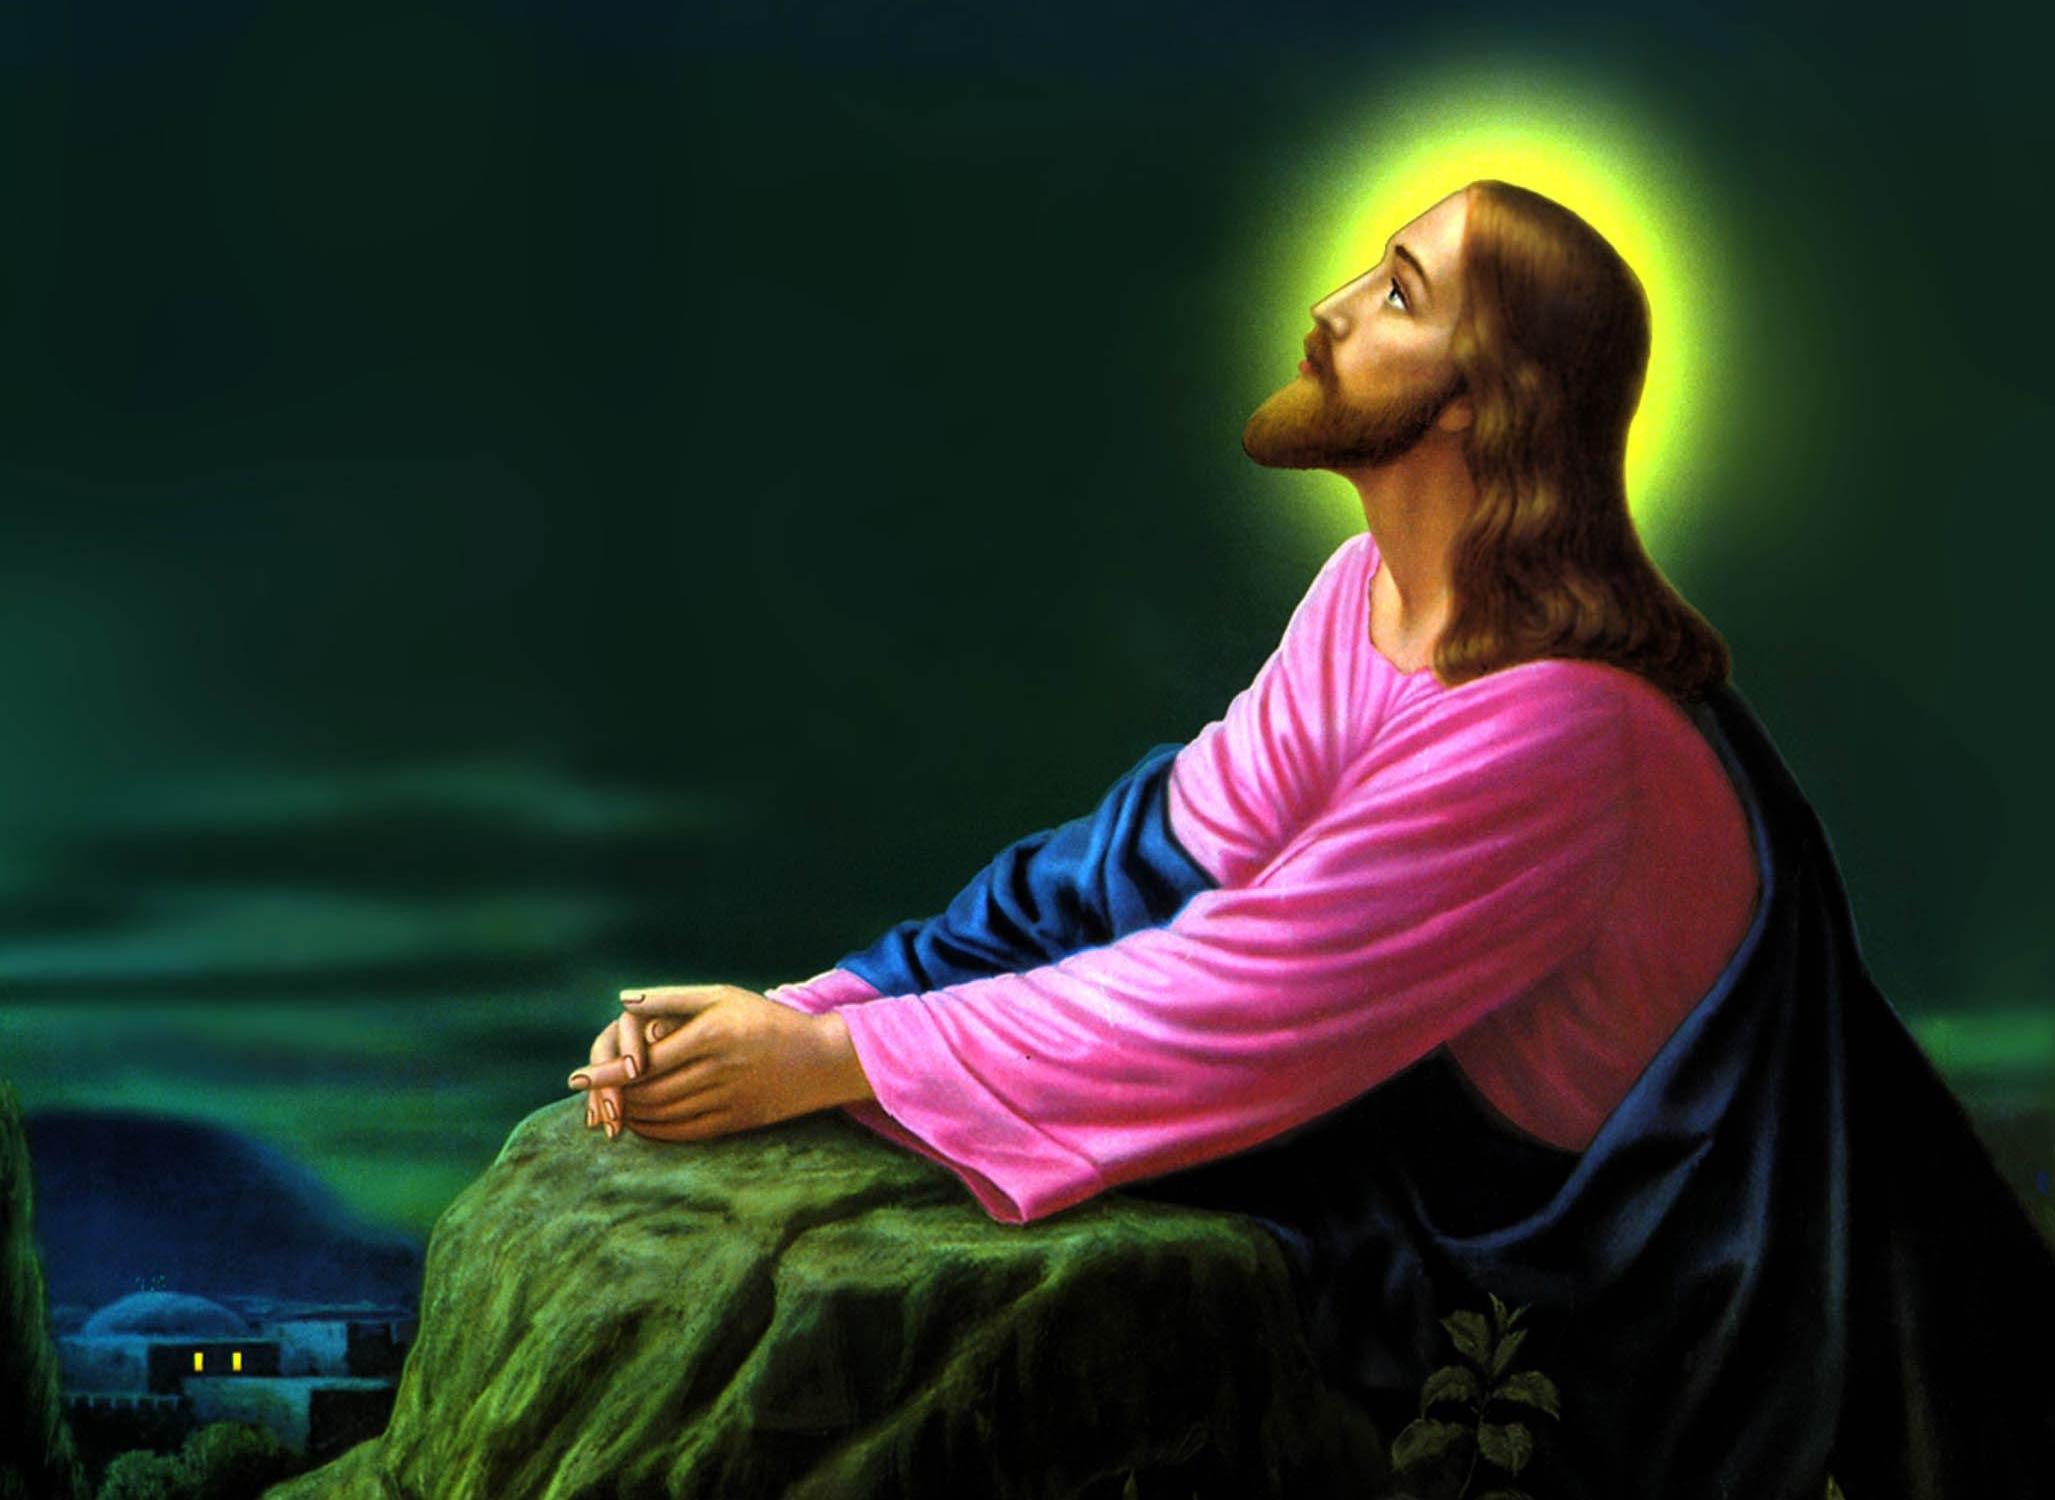 Modlitwa Jezusa w Ogrójcu. Źródło: obrazmojegoserca2.blog.onet.pl